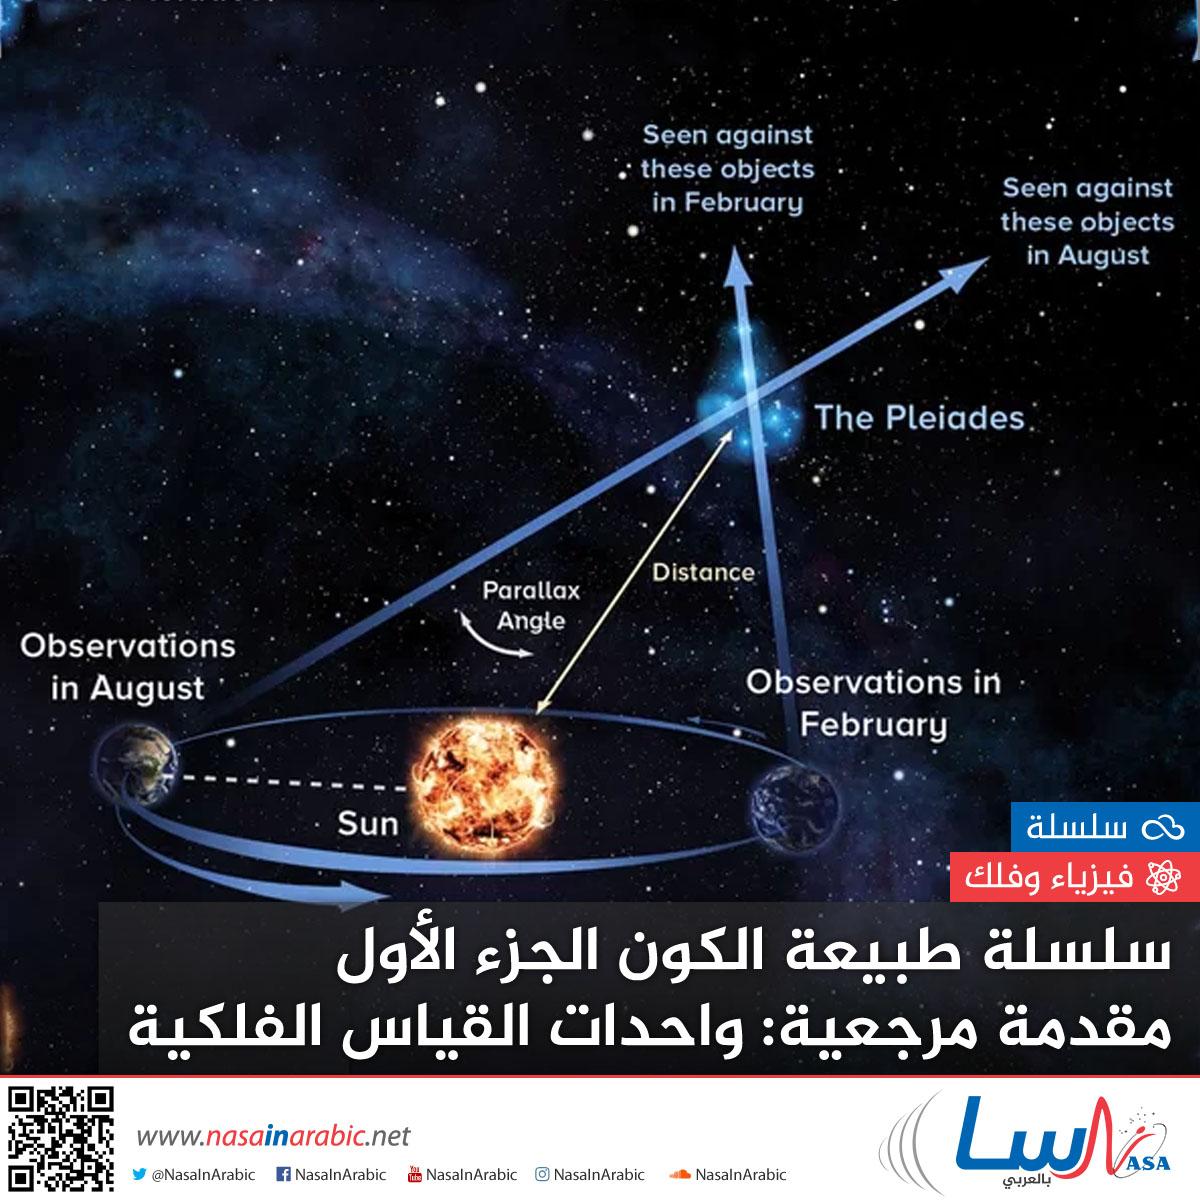 سلسلة طبيعة الكون الجزء الأول مقدمة مرجعية: واحدات القياس الفلكية